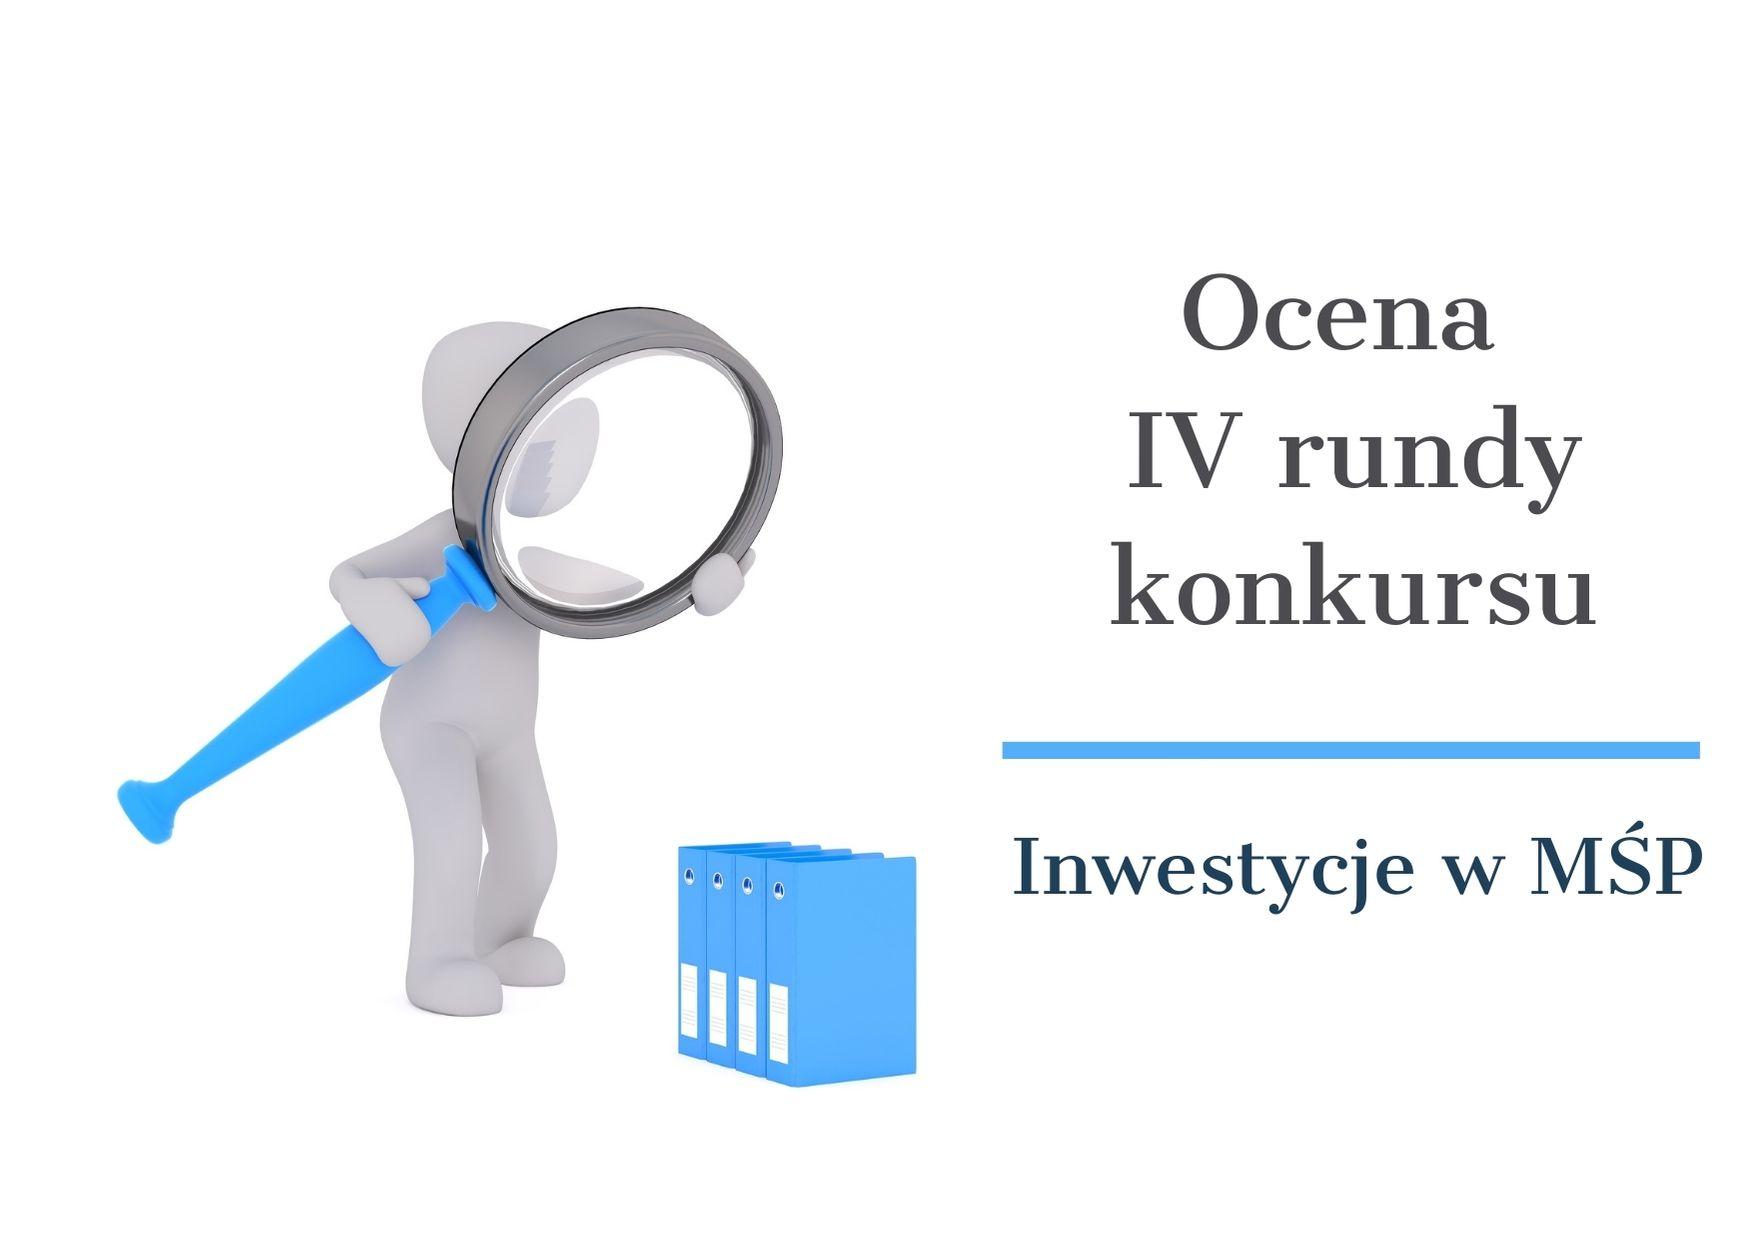 Informacja dotycząca procesu oceny IV rundy naboru Inwestycje w MŚP